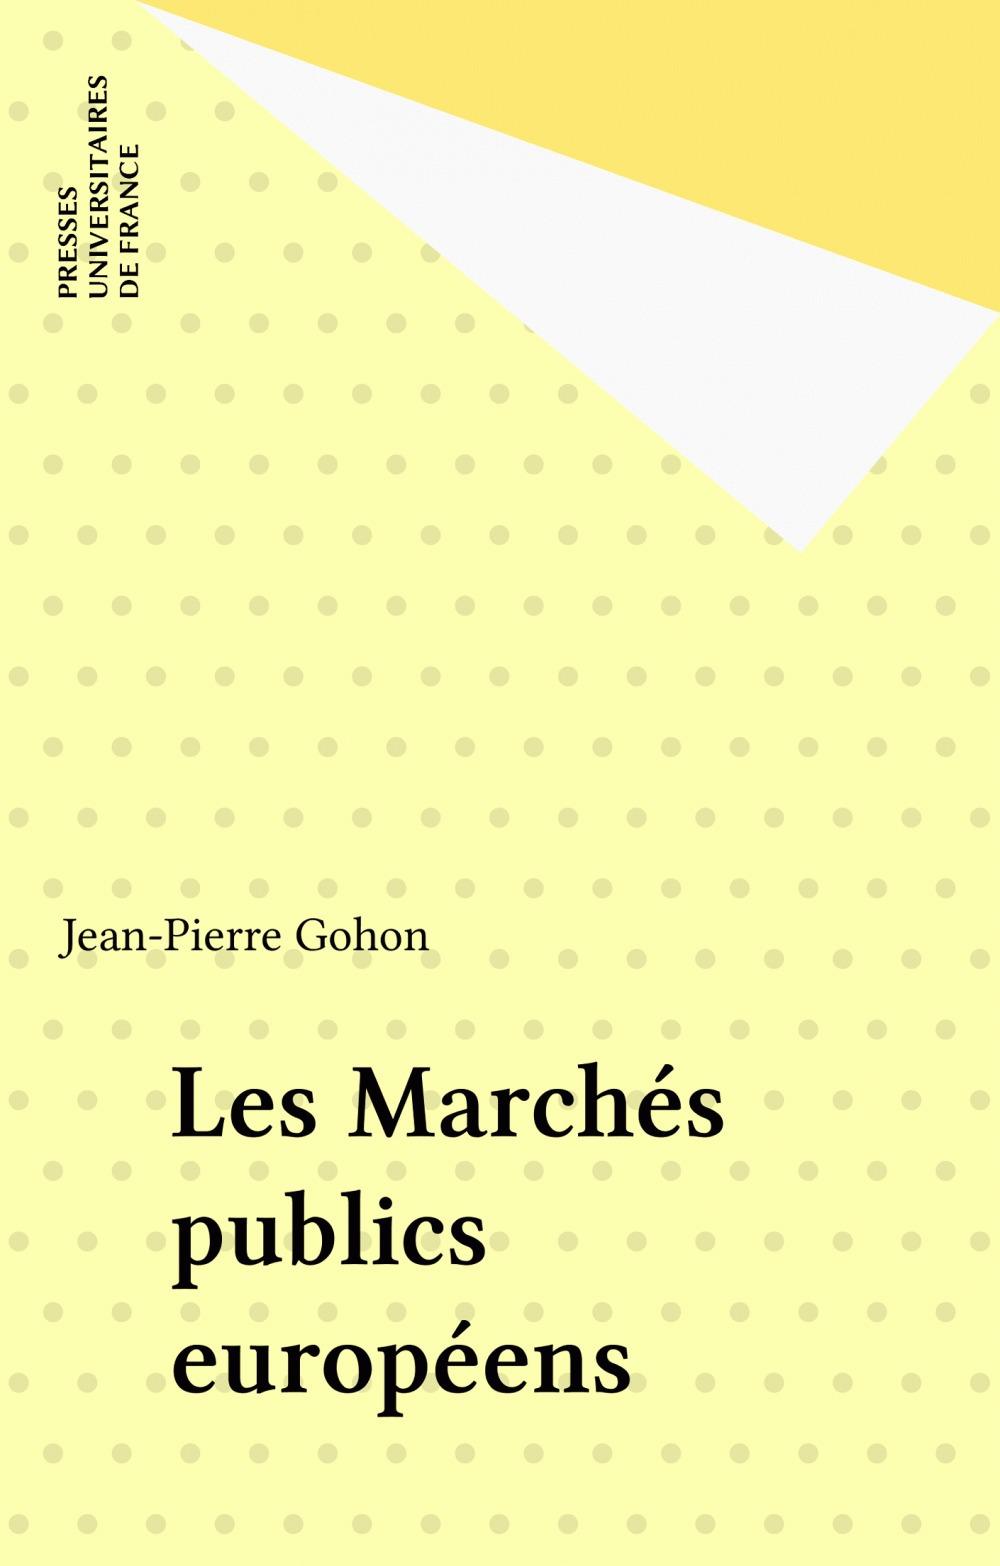 Les Marchés publics européens